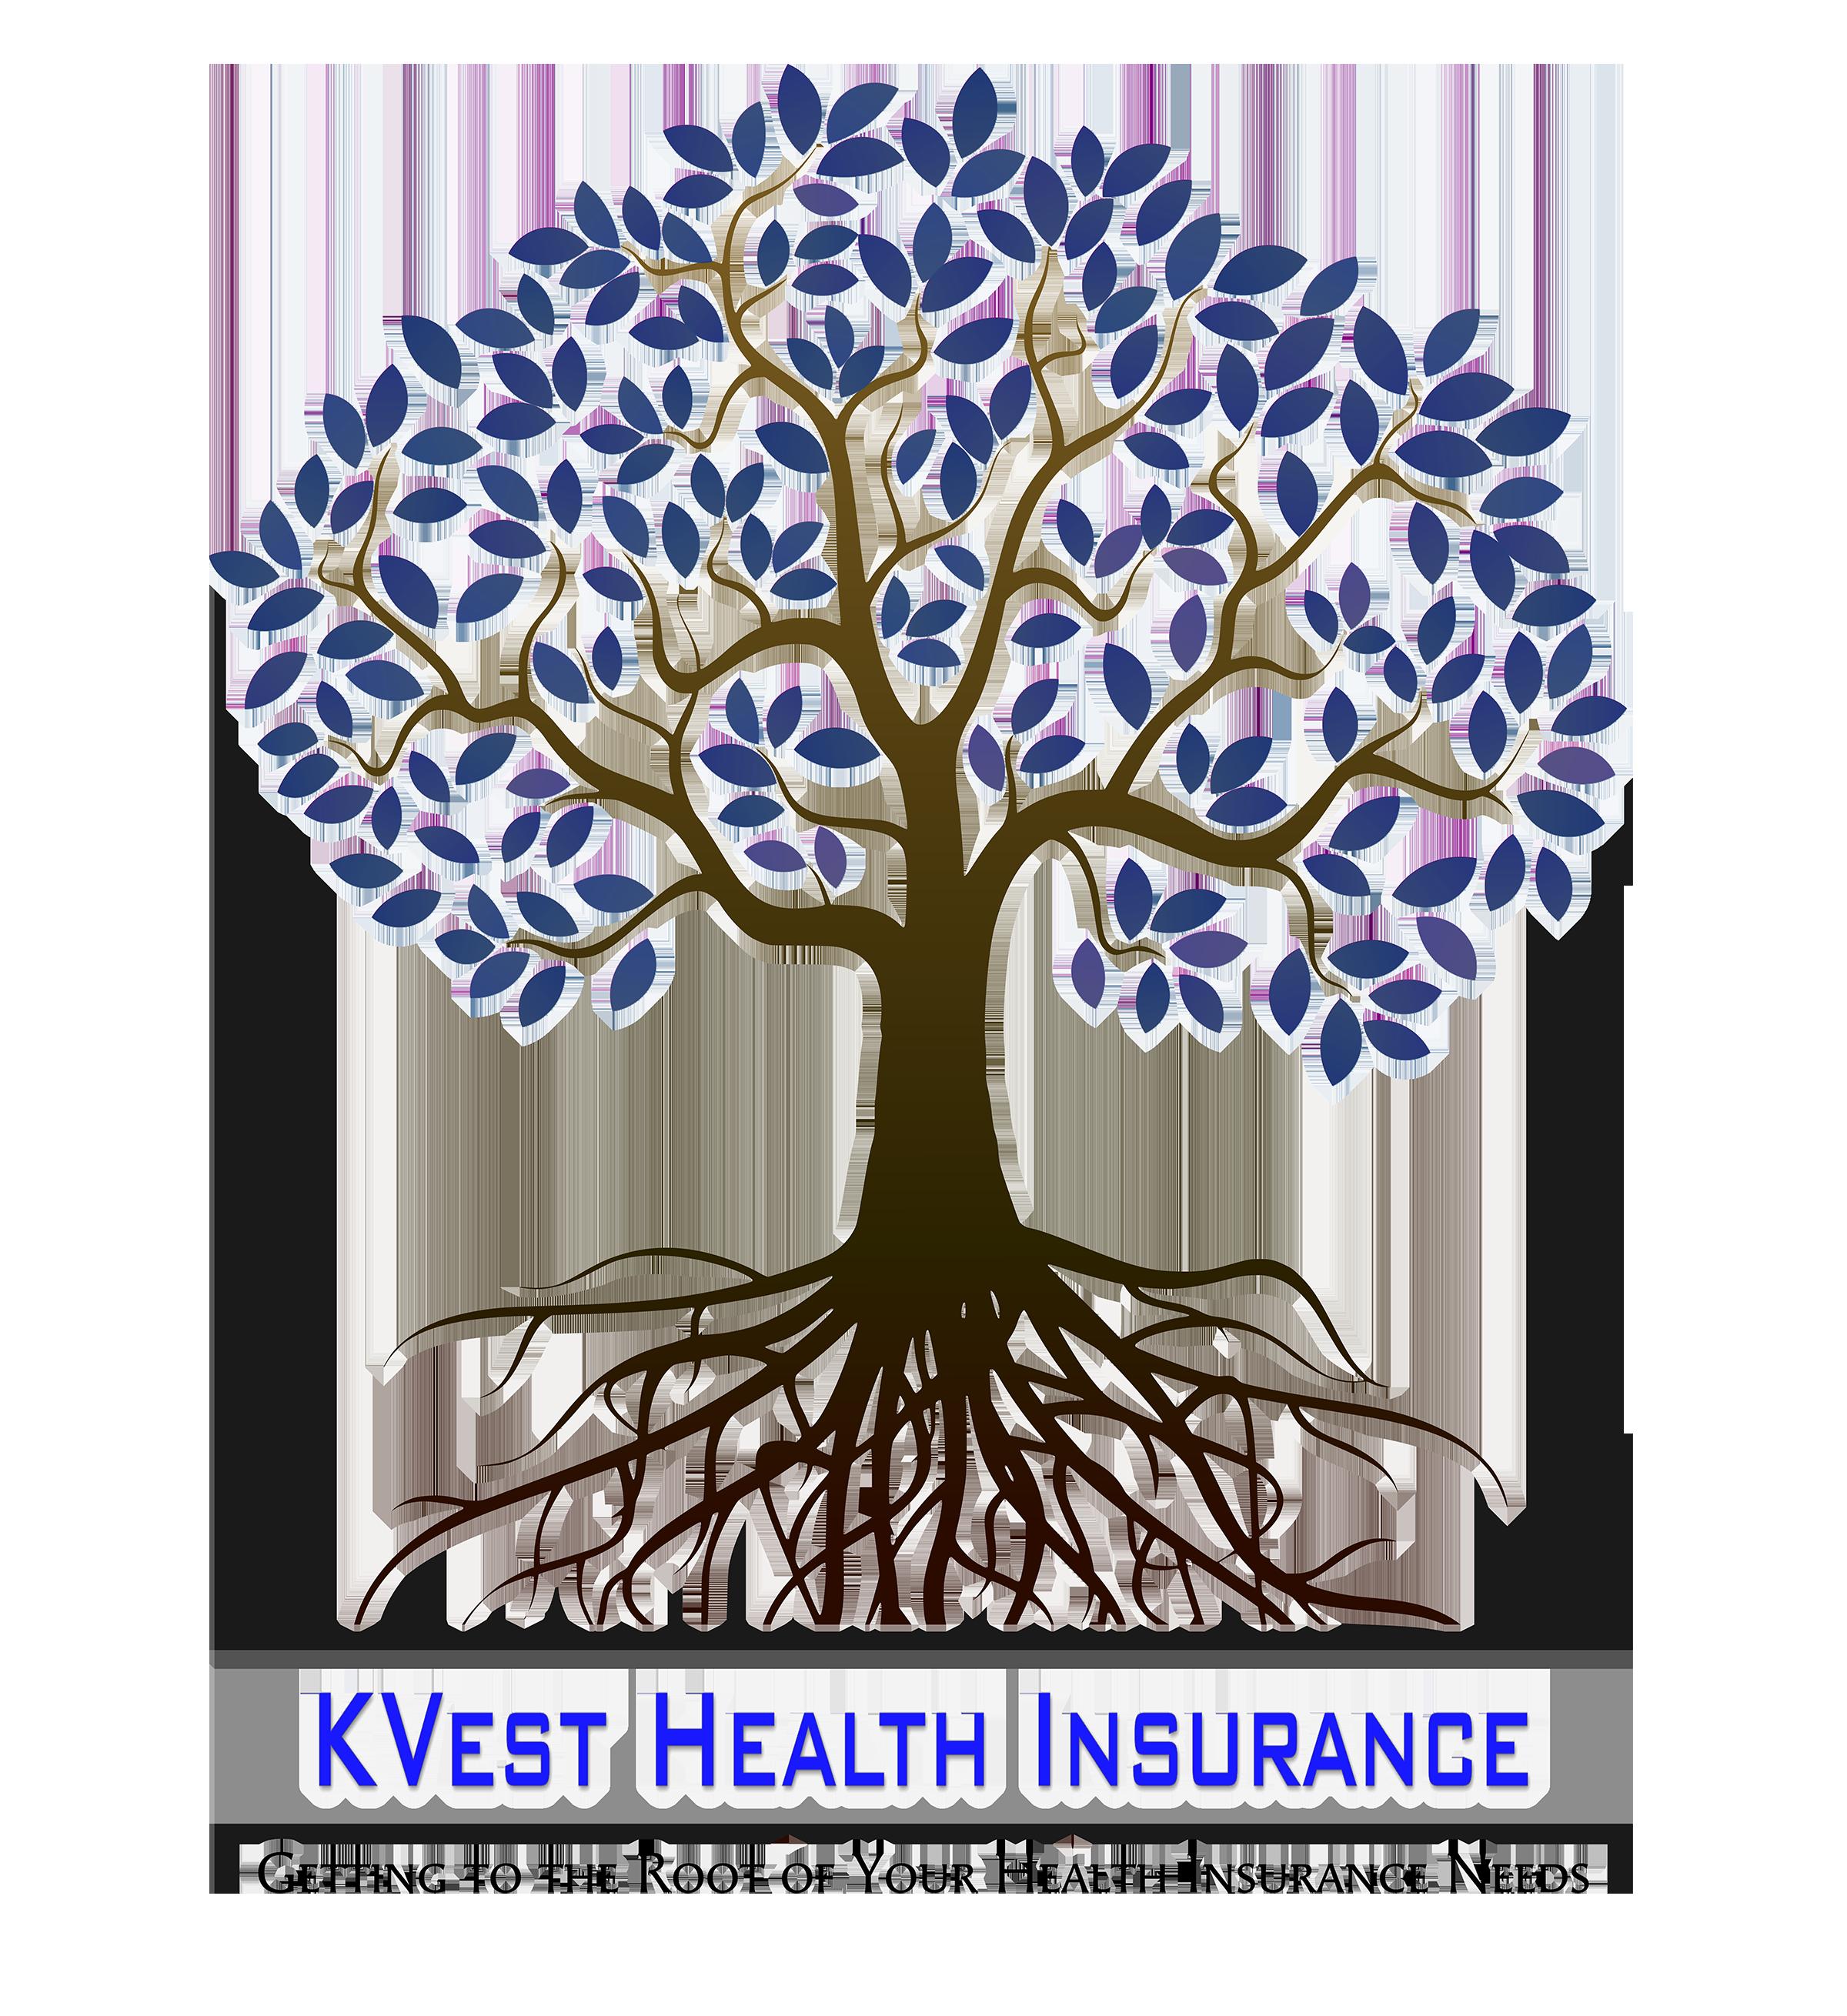 KVest Health Insurance